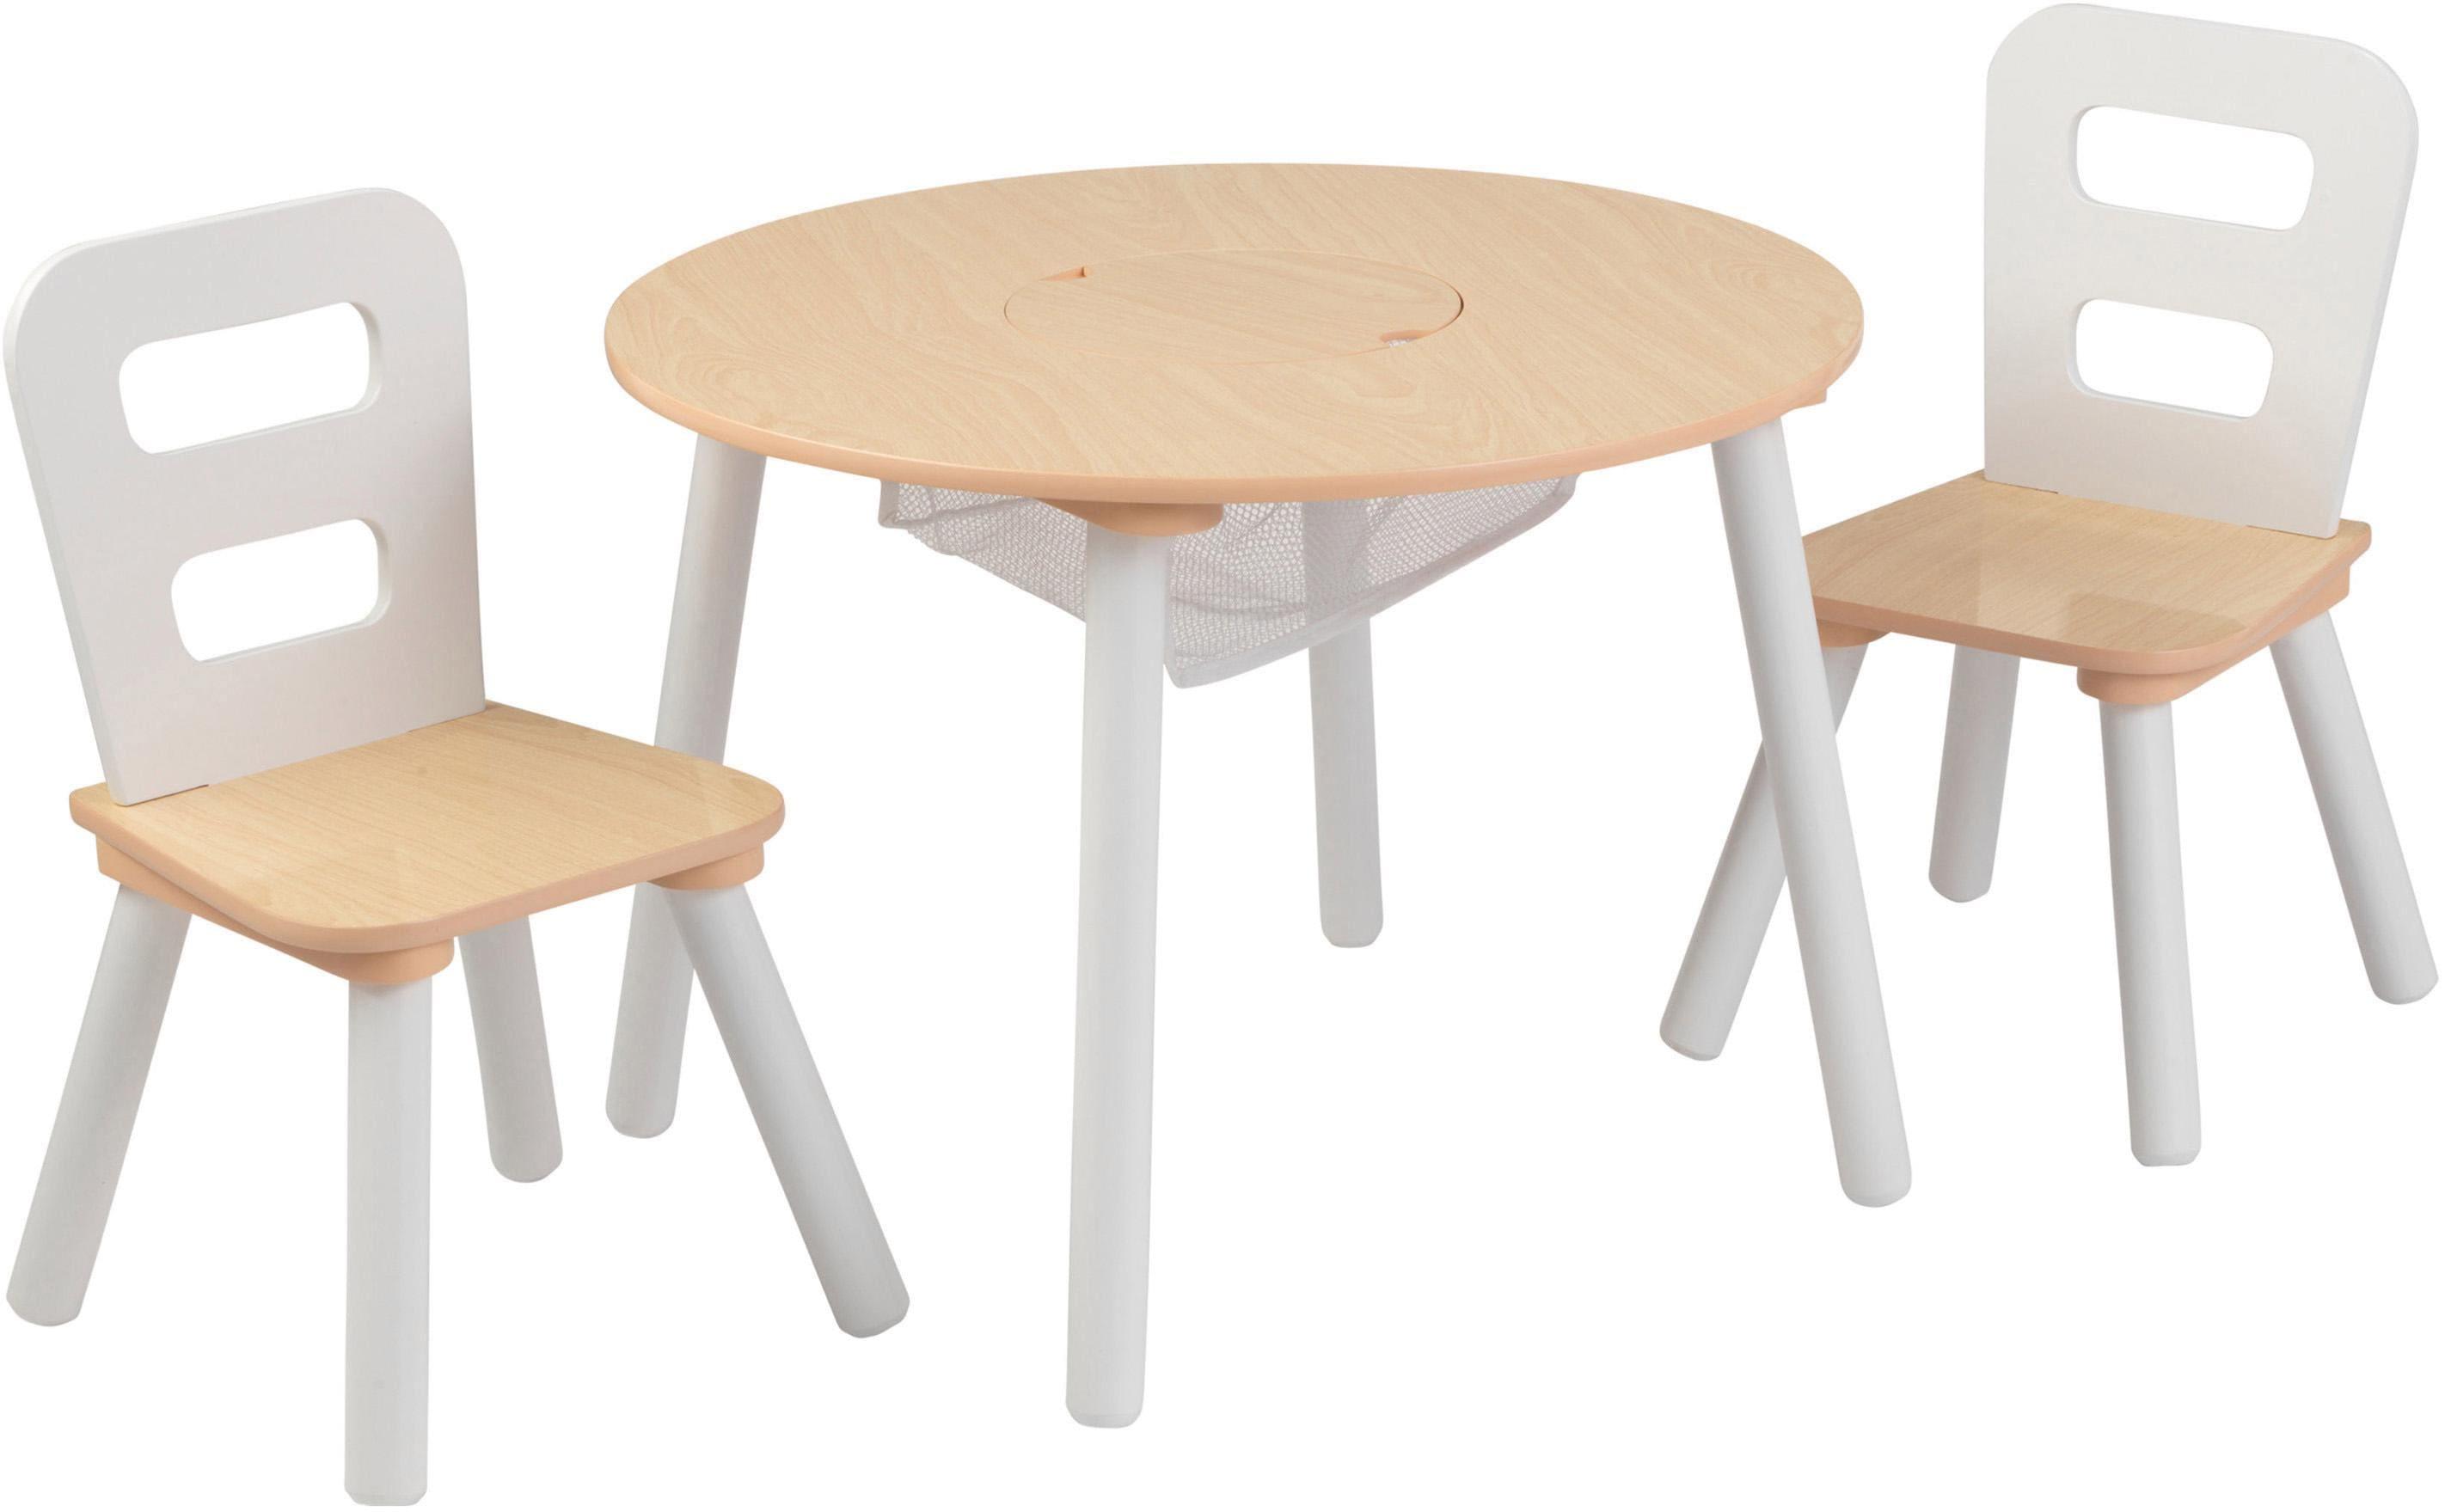 KidKraft Kindersitzgruppe Runder Aufbewahrungstisch (3-tlg) beige Kinder Ab 3-5 Jahren Altersempfehlung Sitzmöbel-Sets